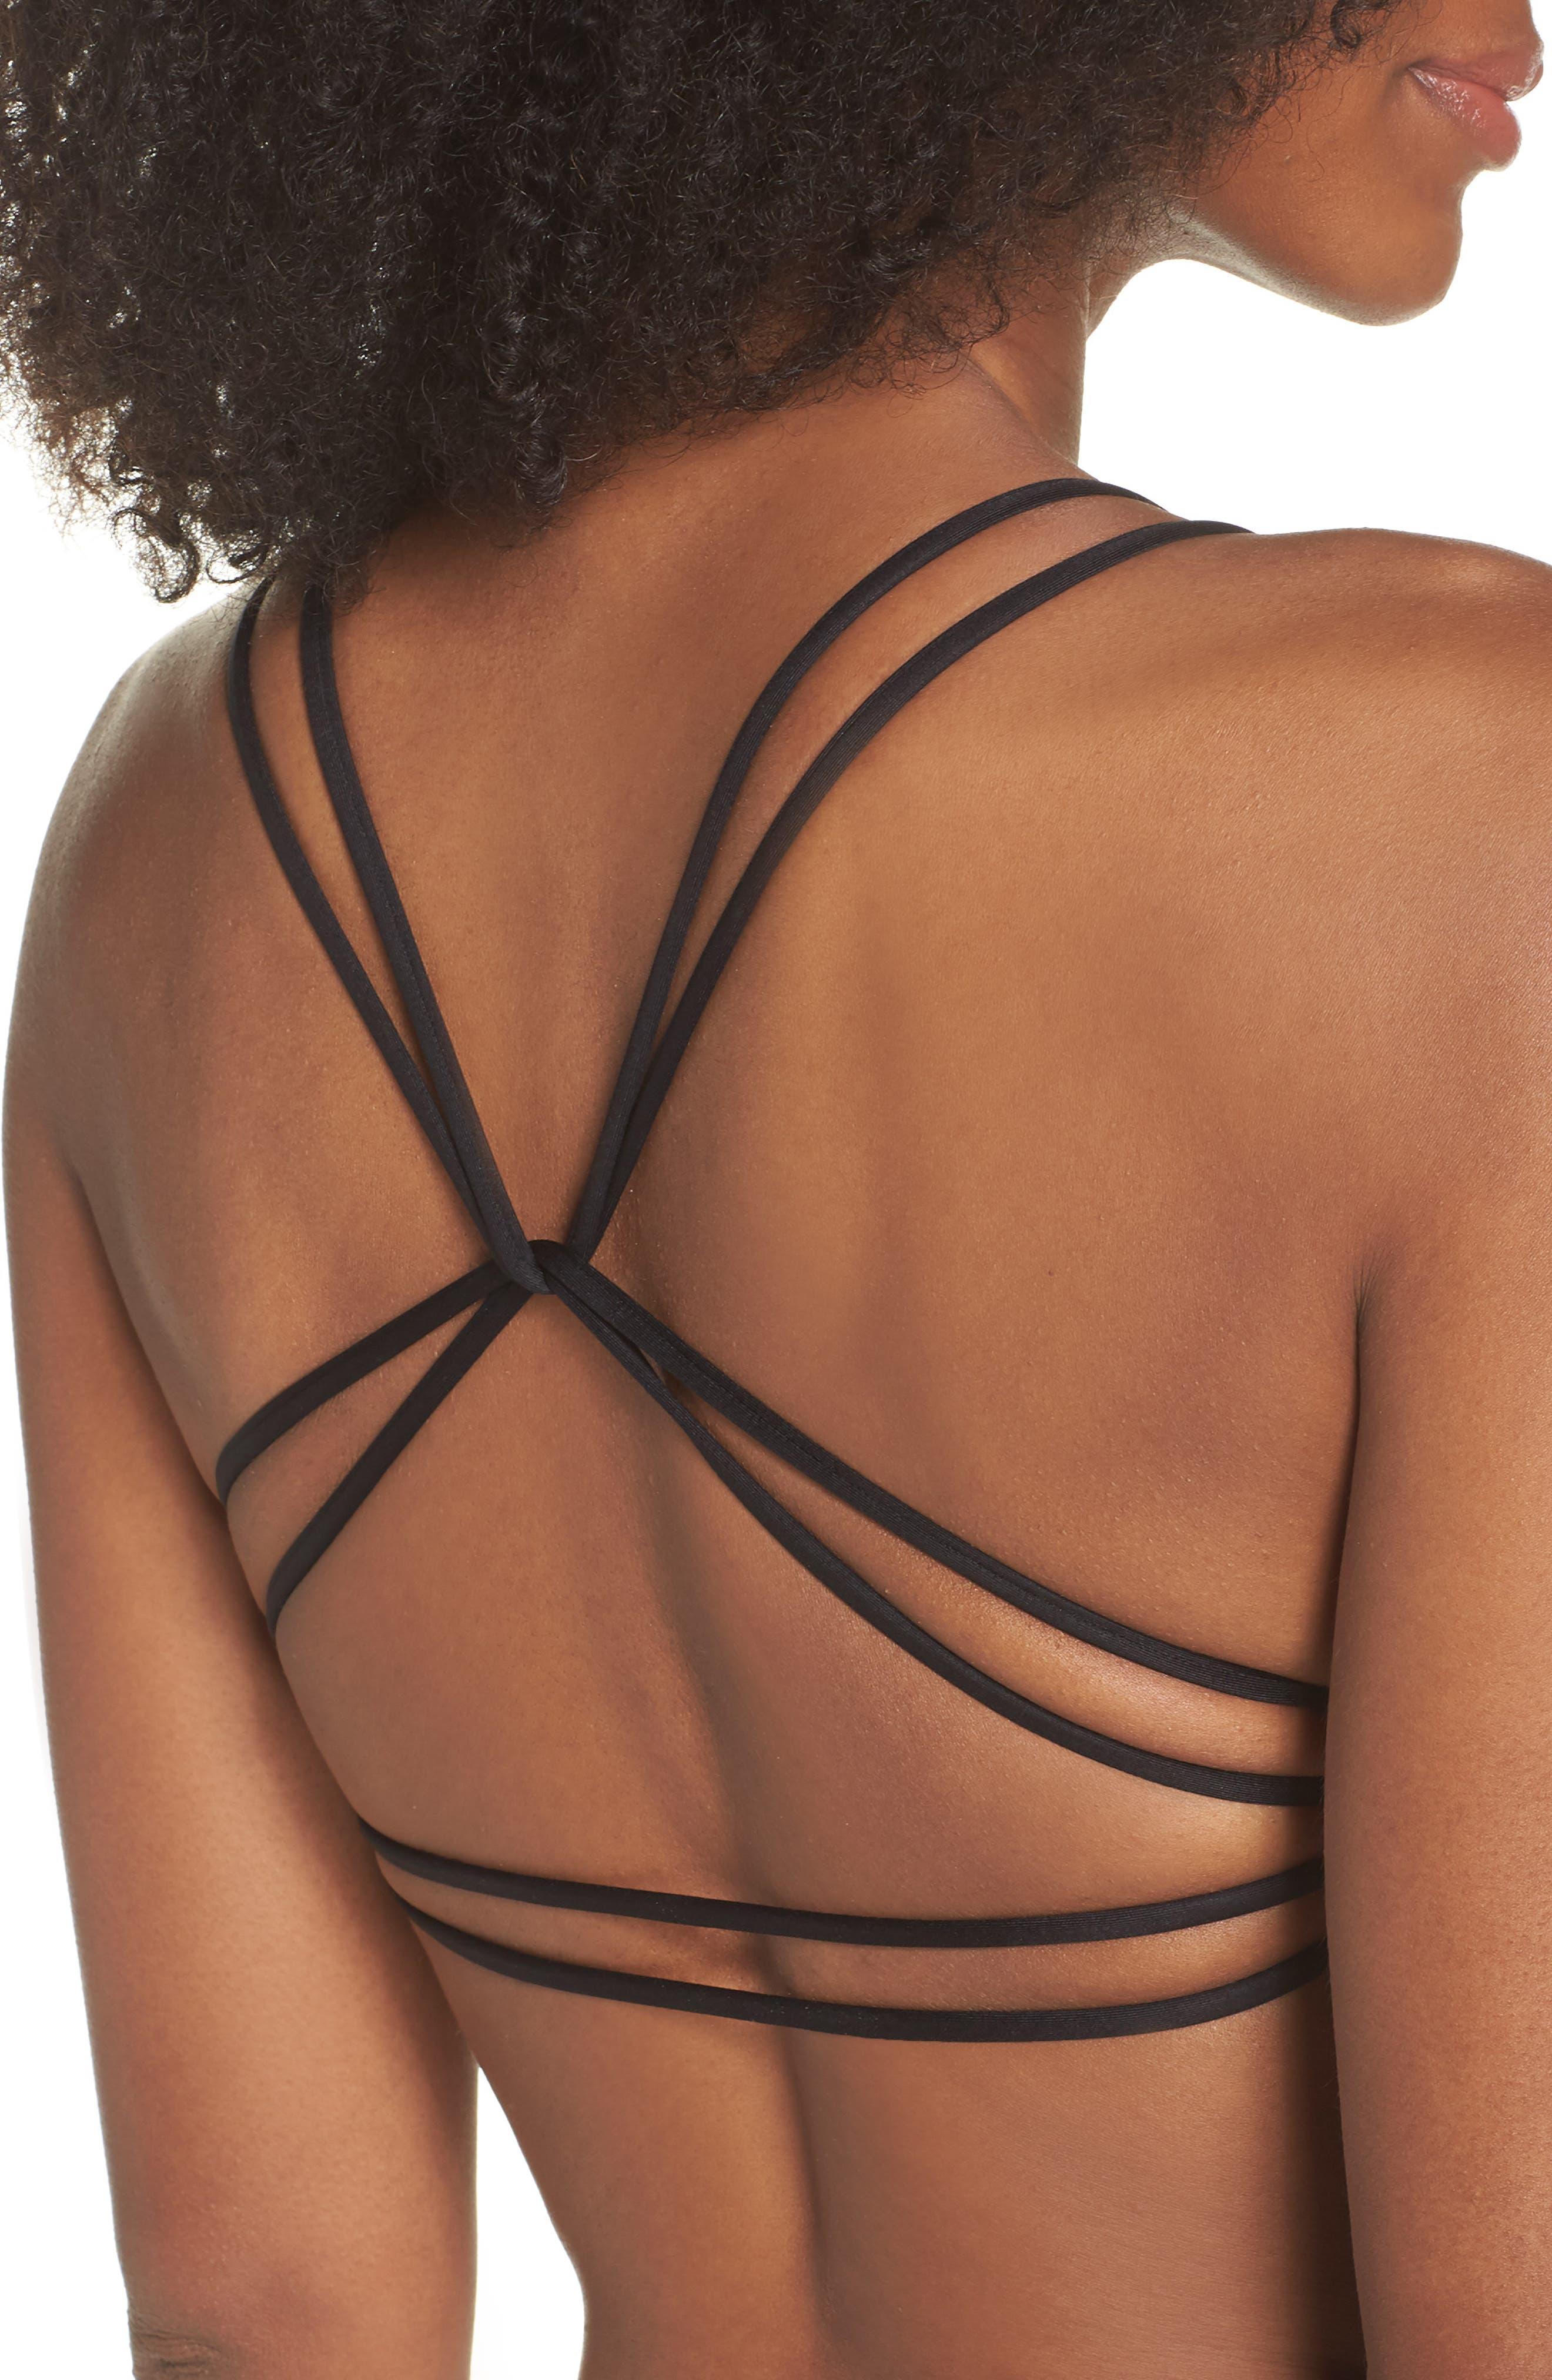 PATAGONIA,                             Seaglass Reversible Bikini Top,                             Alternate thumbnail 4, color,                             003